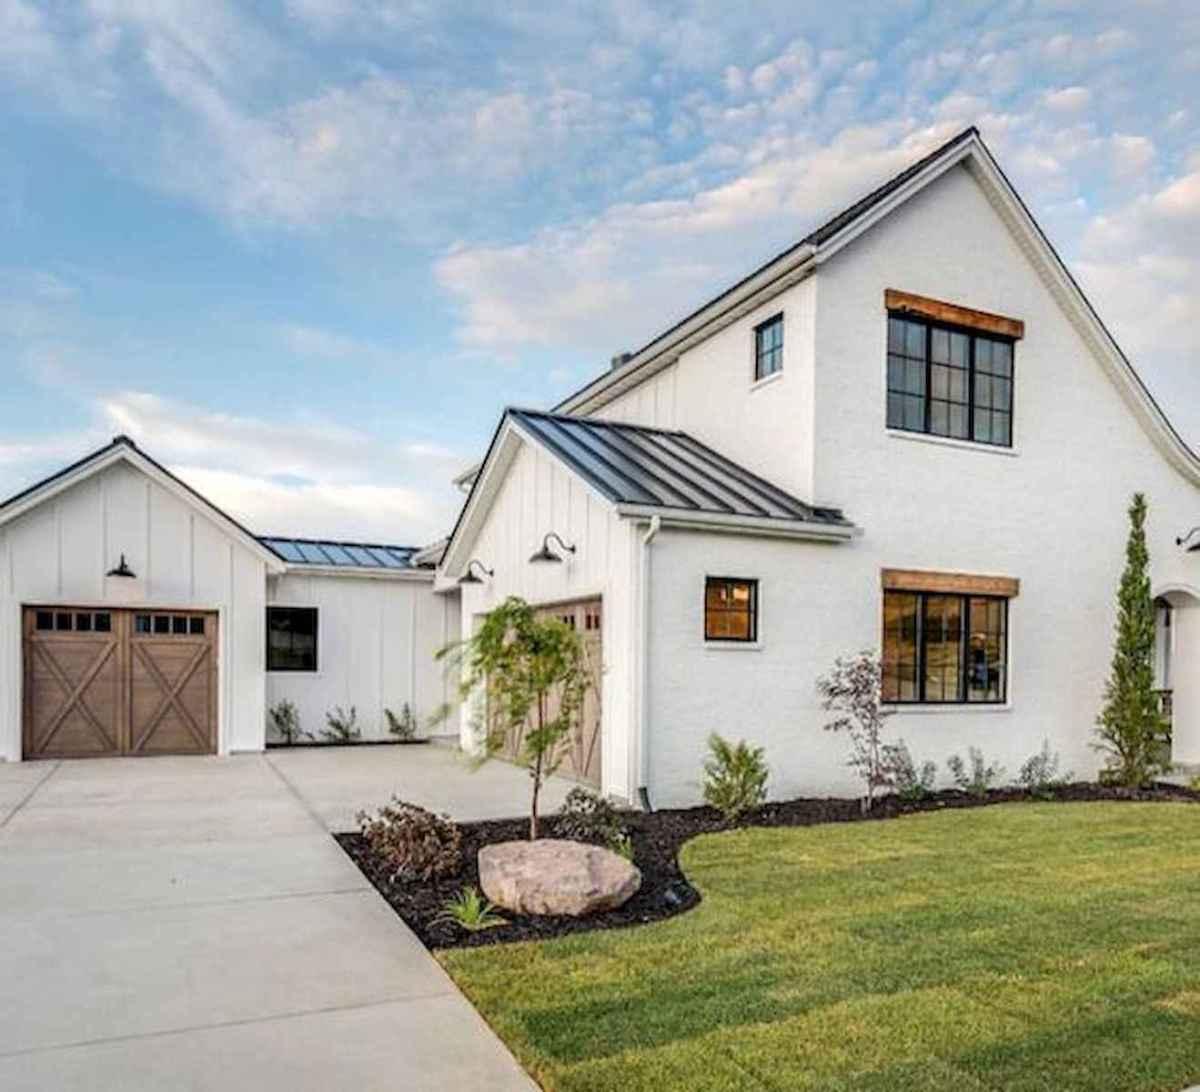 40 Stunning White Farmhouse Exterior Design Ideas (31)